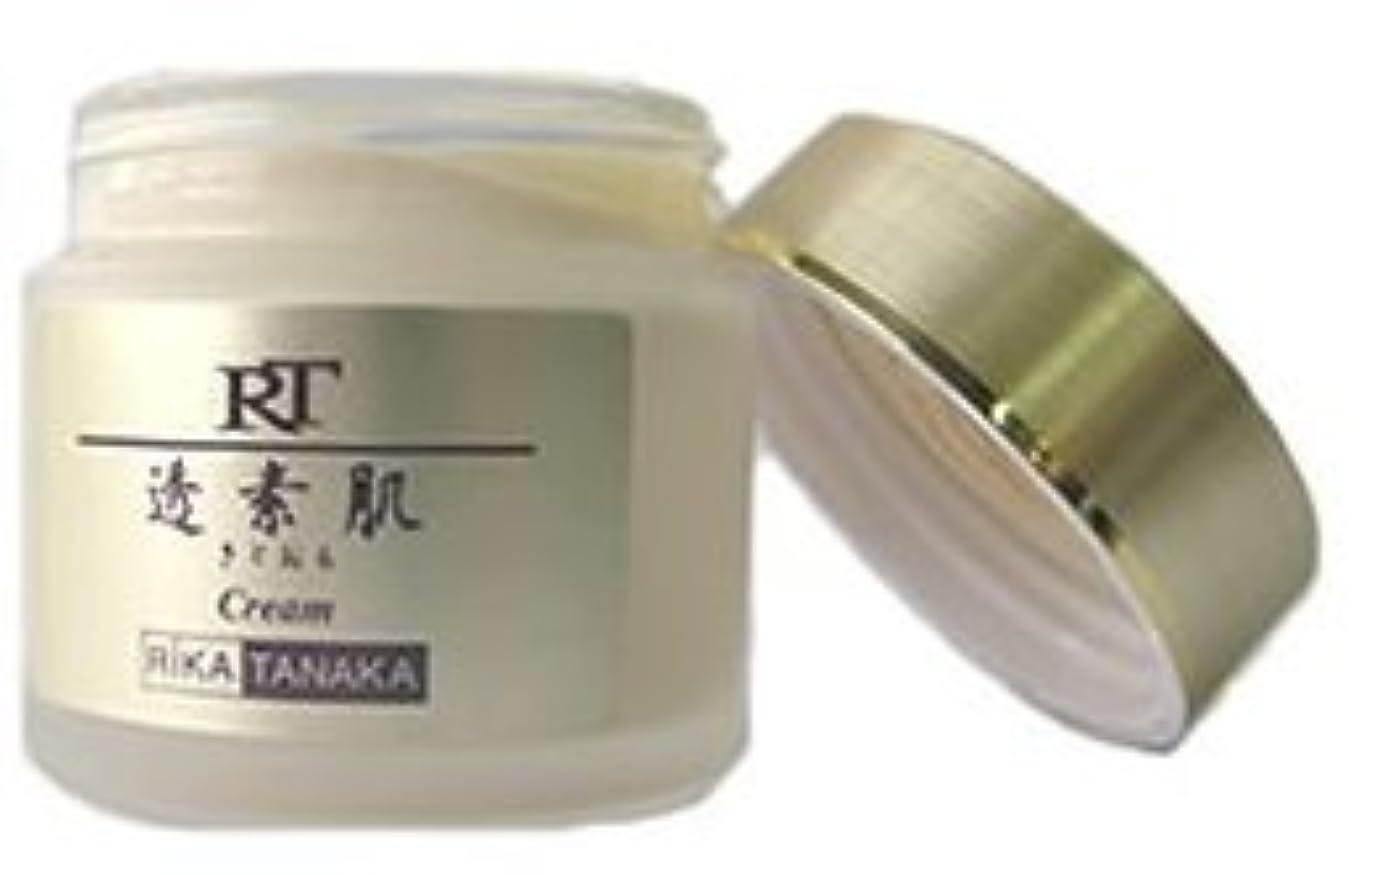 テロプロットリーダーシップRT 透きとおる素肌 UV BBクリーム オールインワン